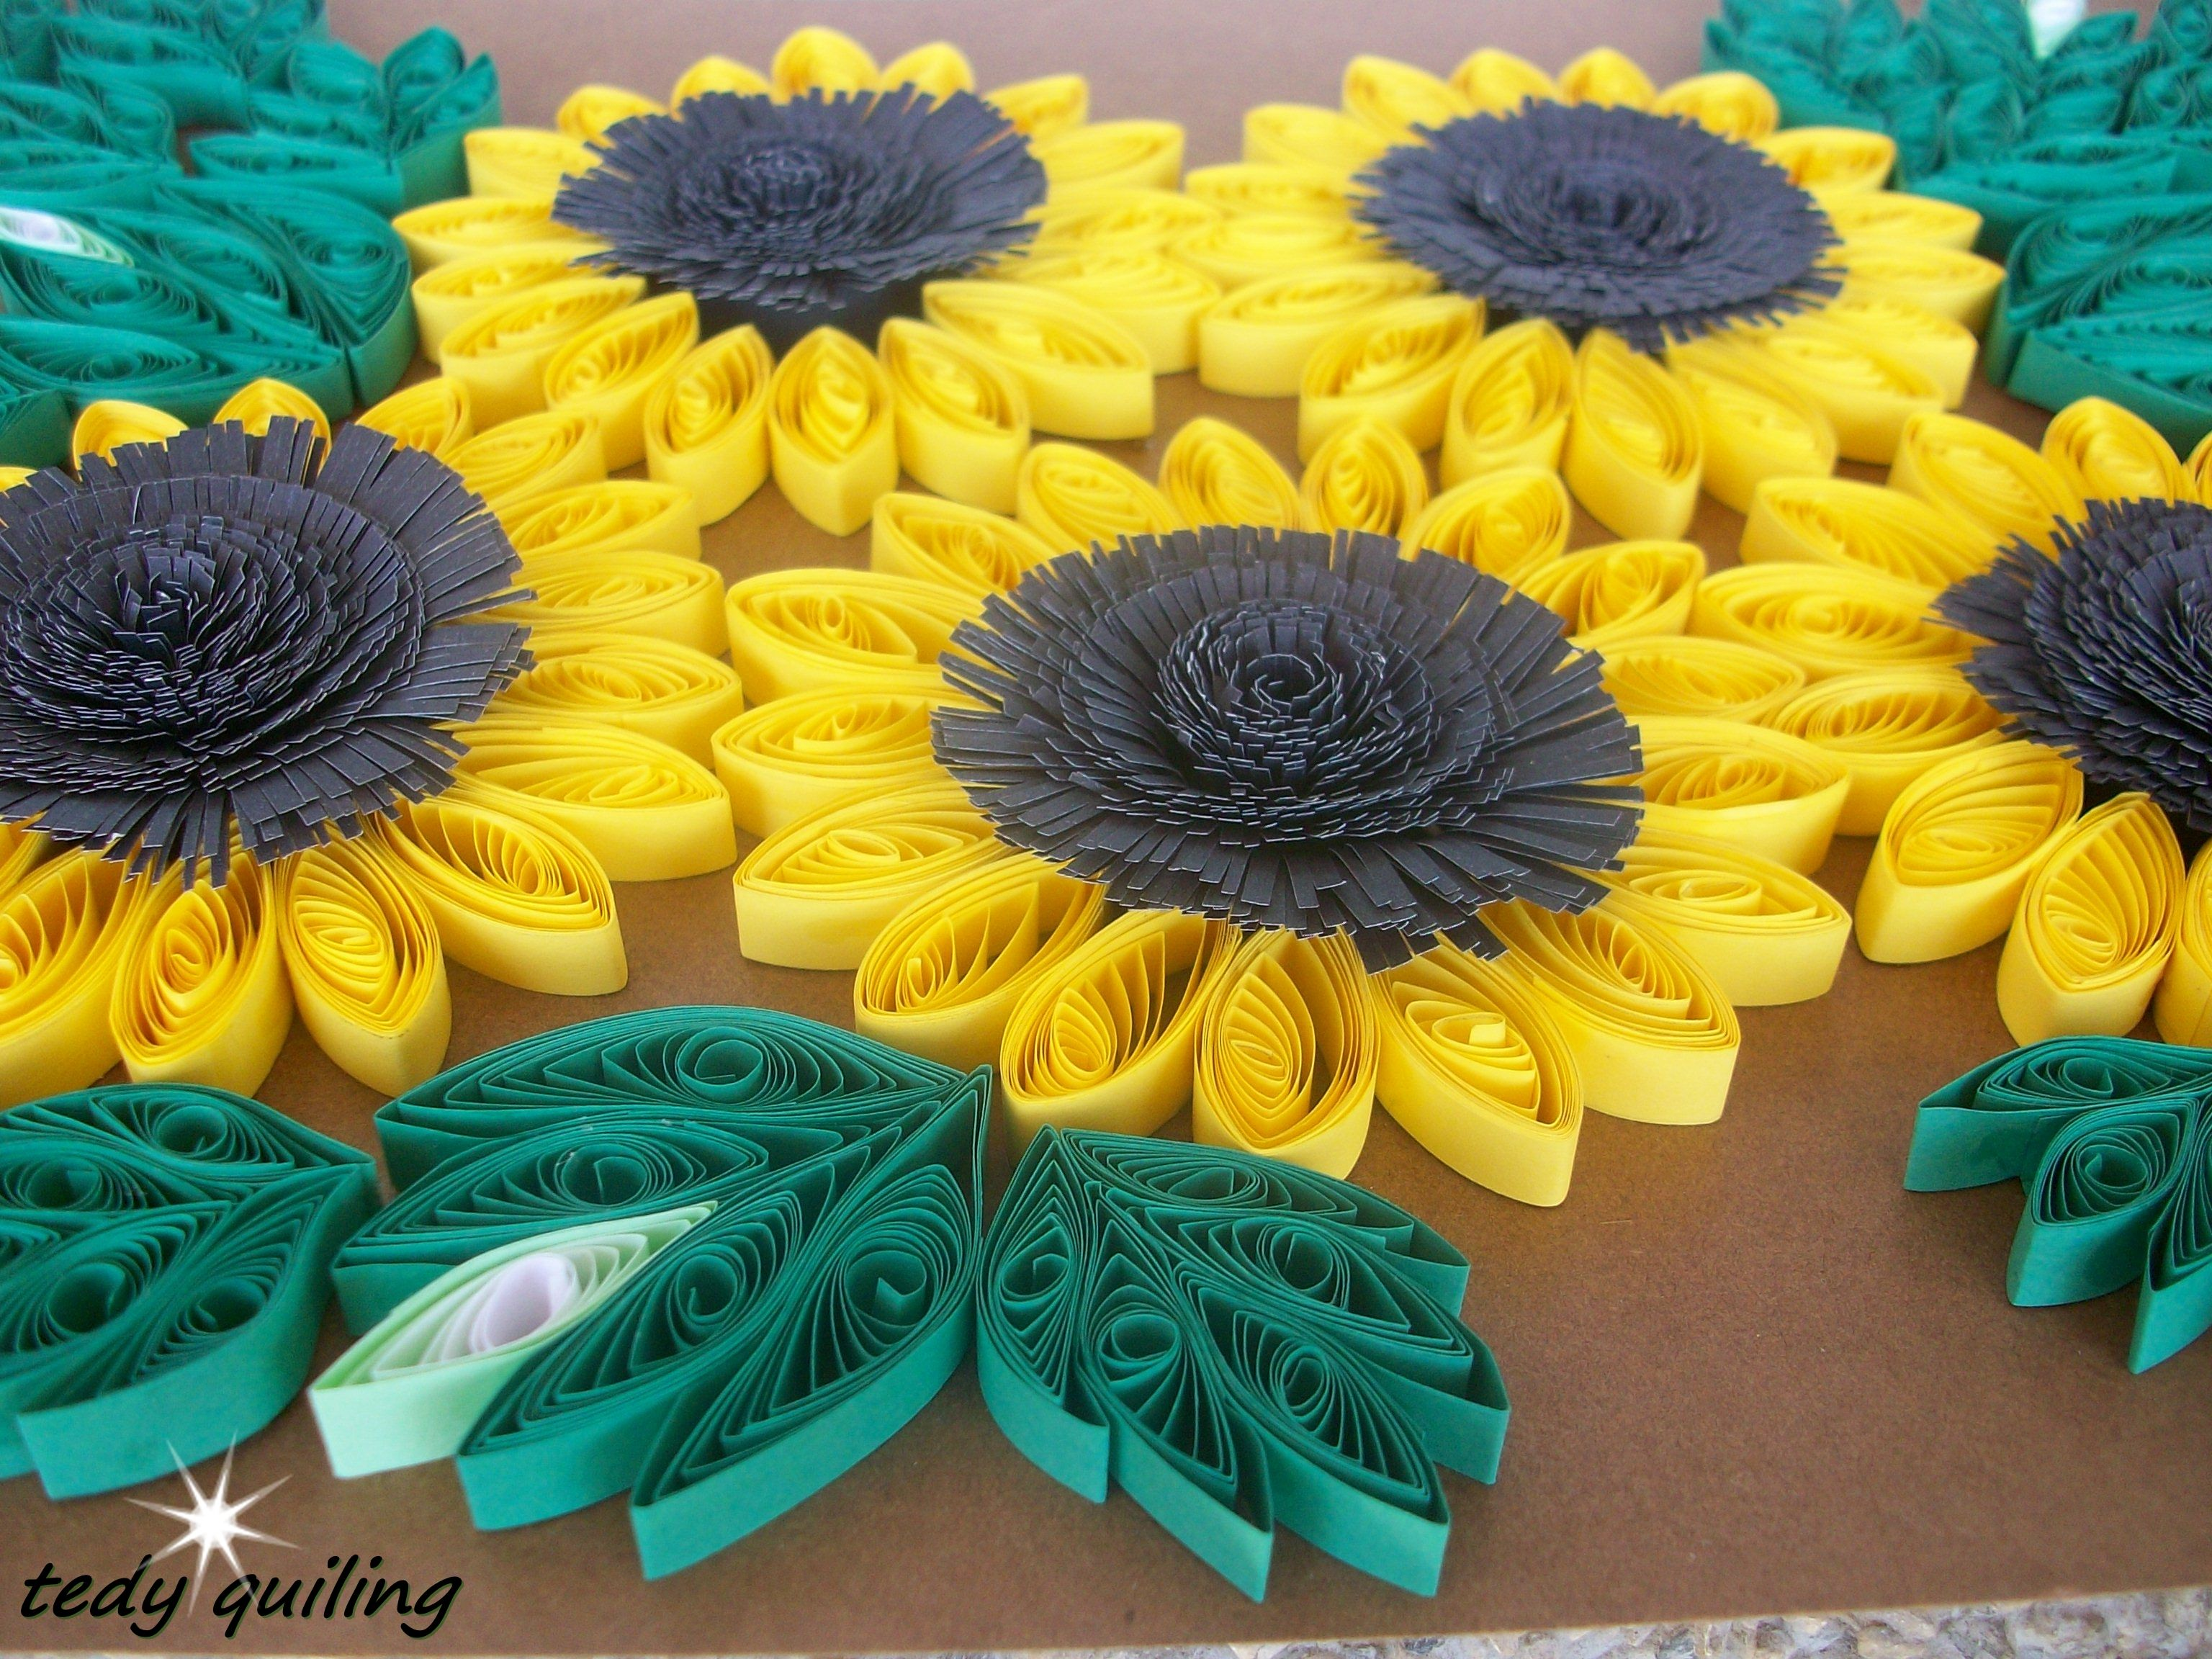 girasoles /  sunflowers